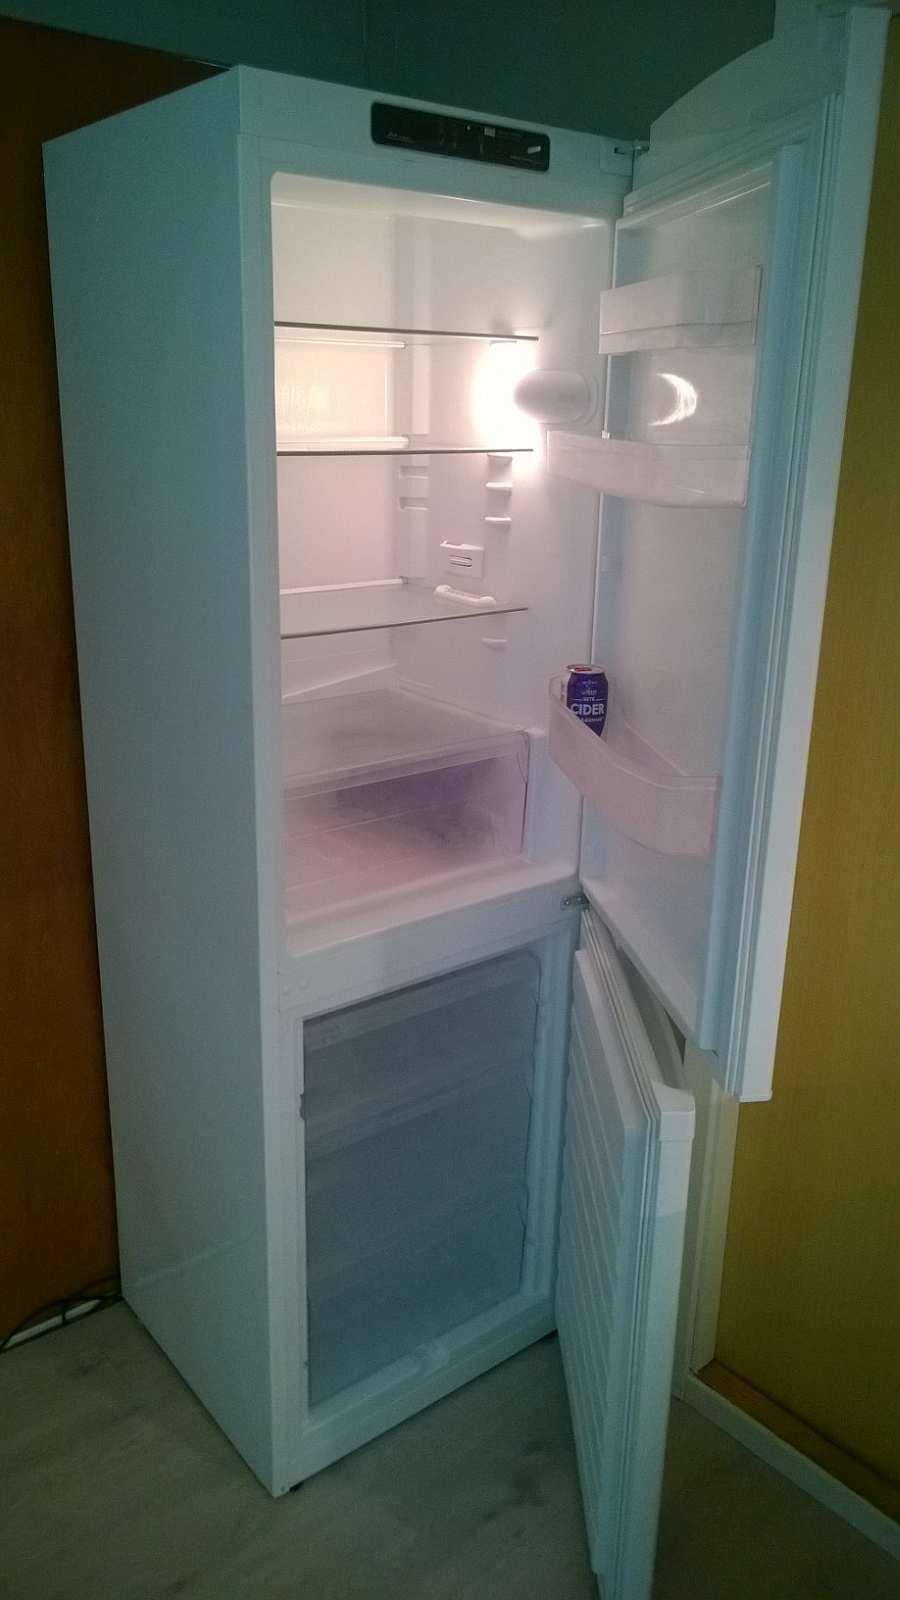 Die große Kühl-Gefrierkombination in der Küche